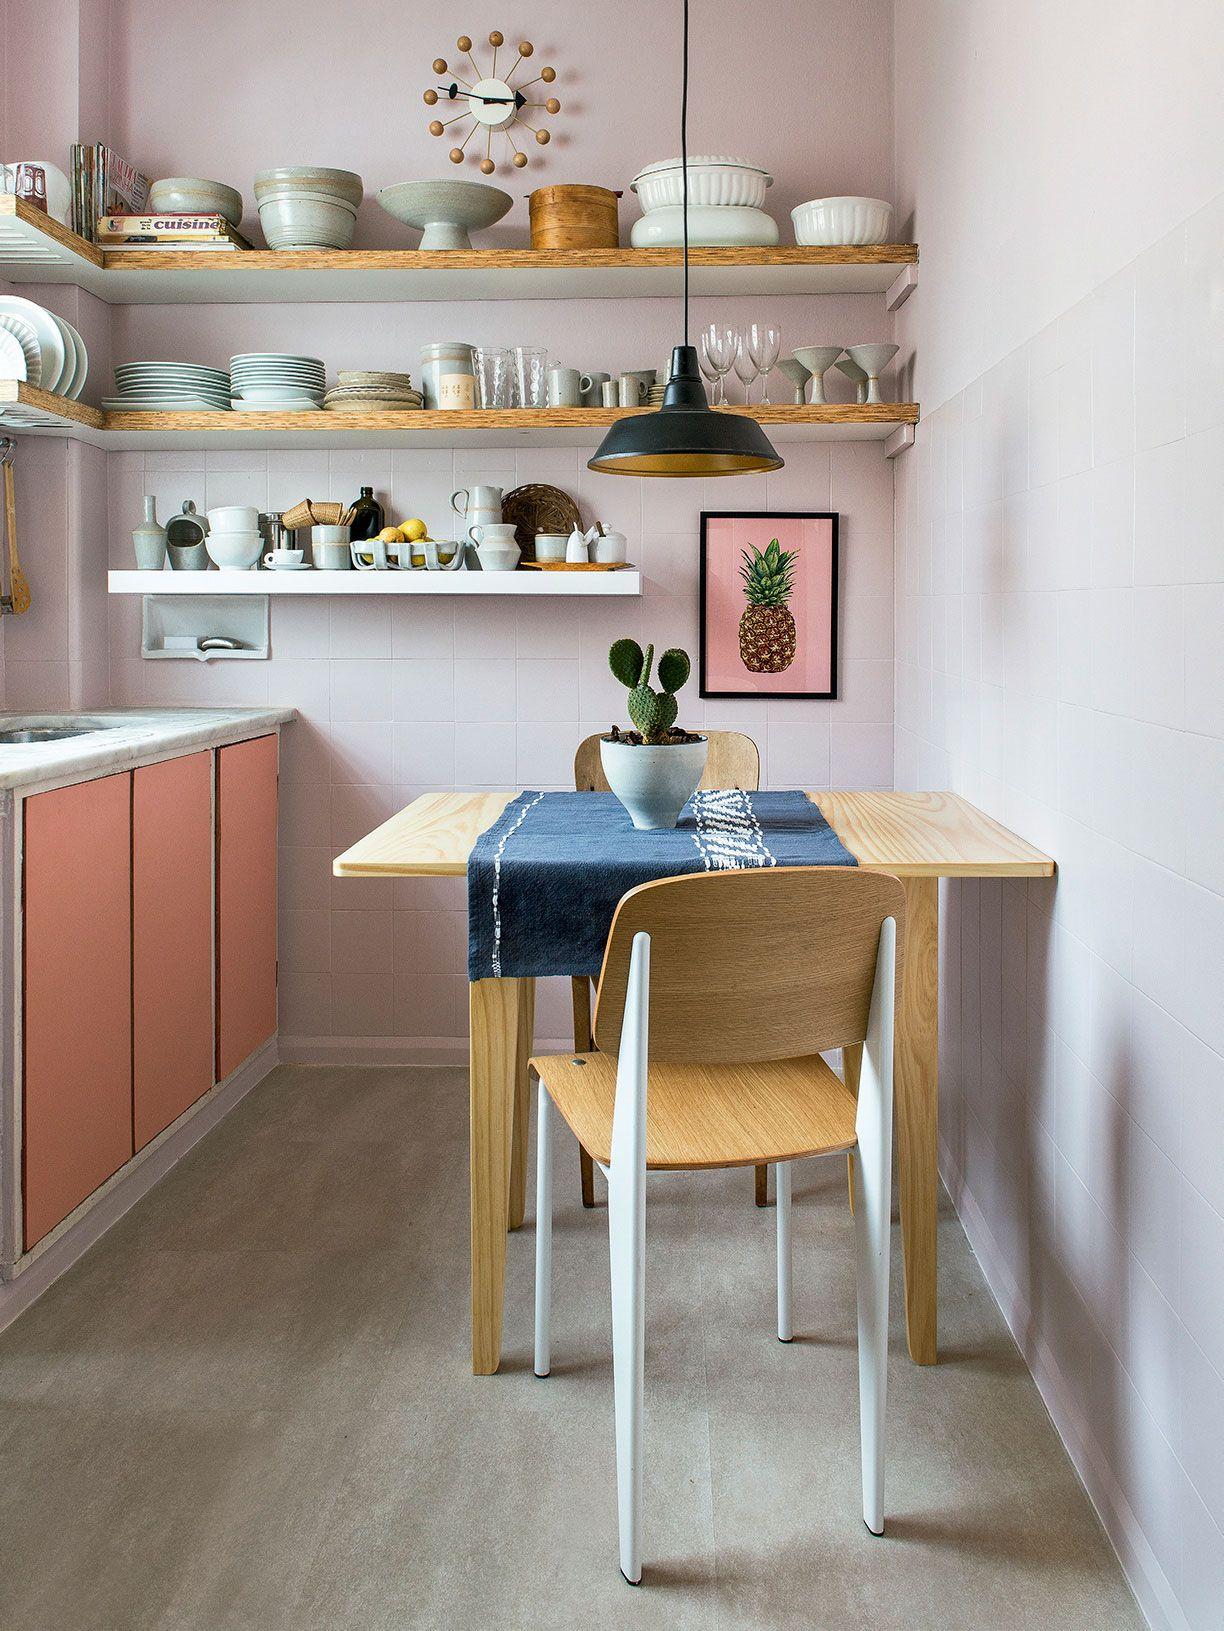 Com o orçamento baixo, o projeto reutilizou alguns elementos existentes dessa cozinha.